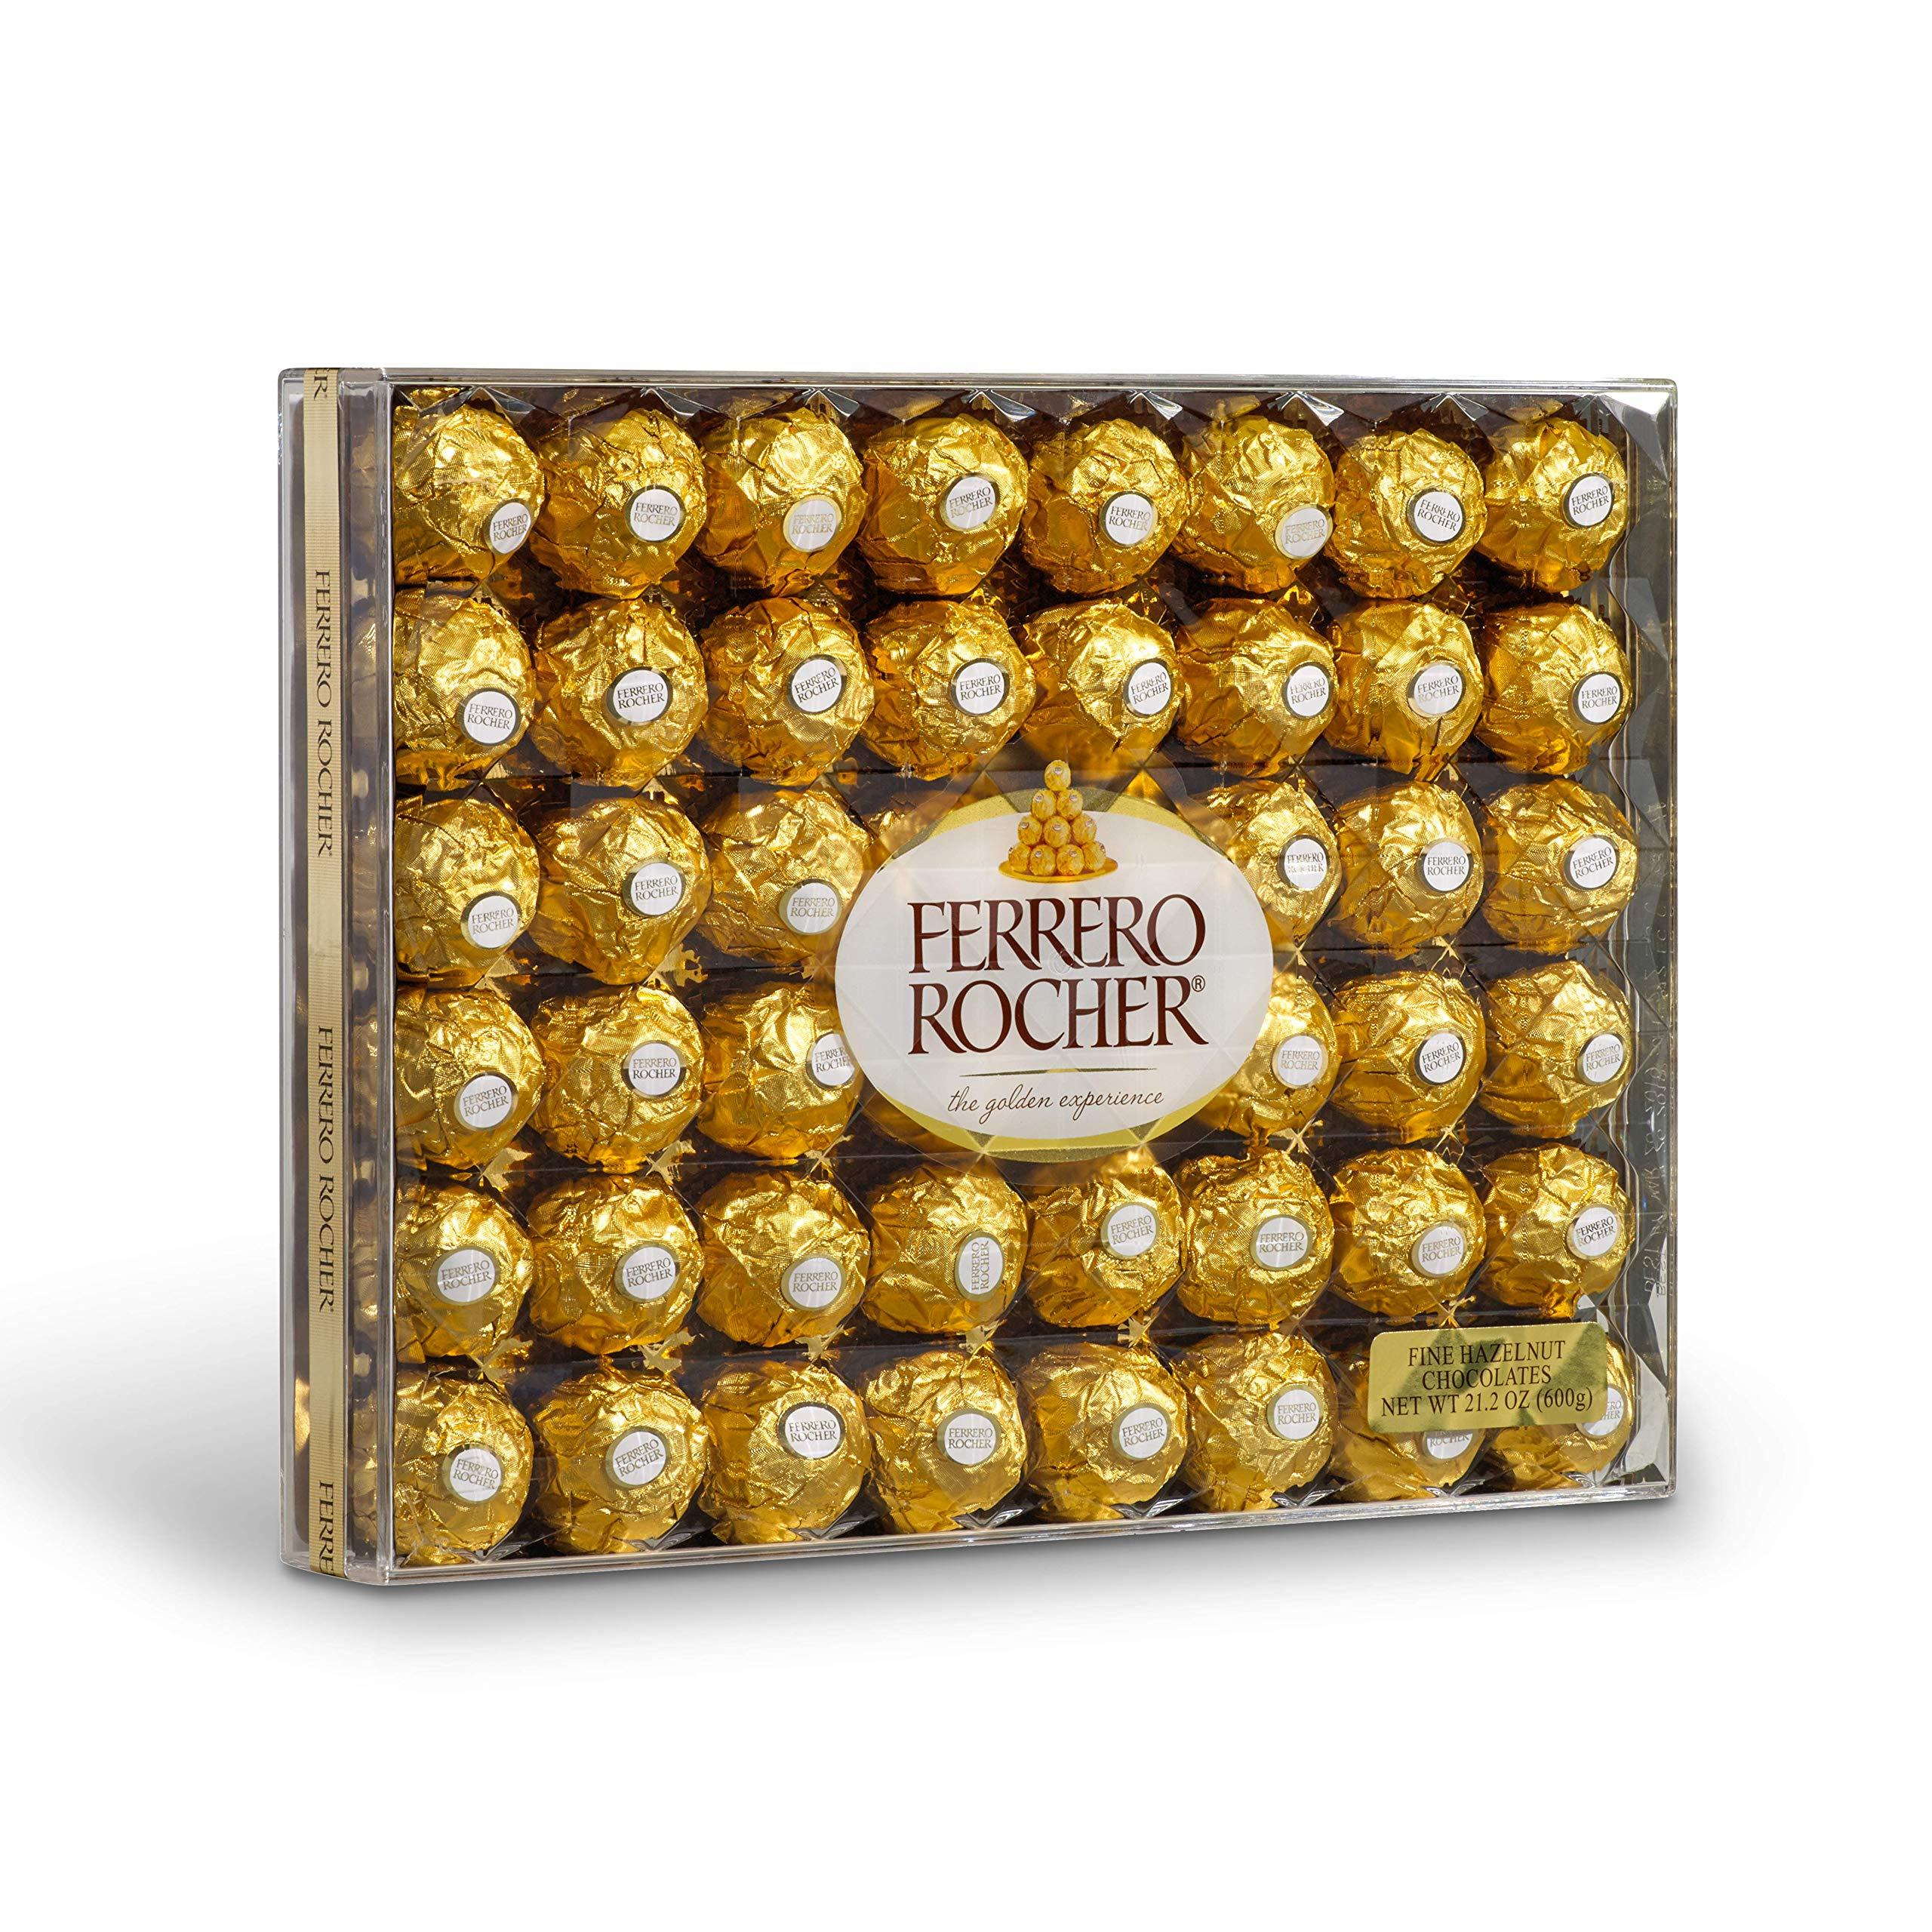 Ferrero Rocher Fine Hazelnut Chocolates, 21.1 Oz, 48 Count by Ferrero Rocher (Image #4)